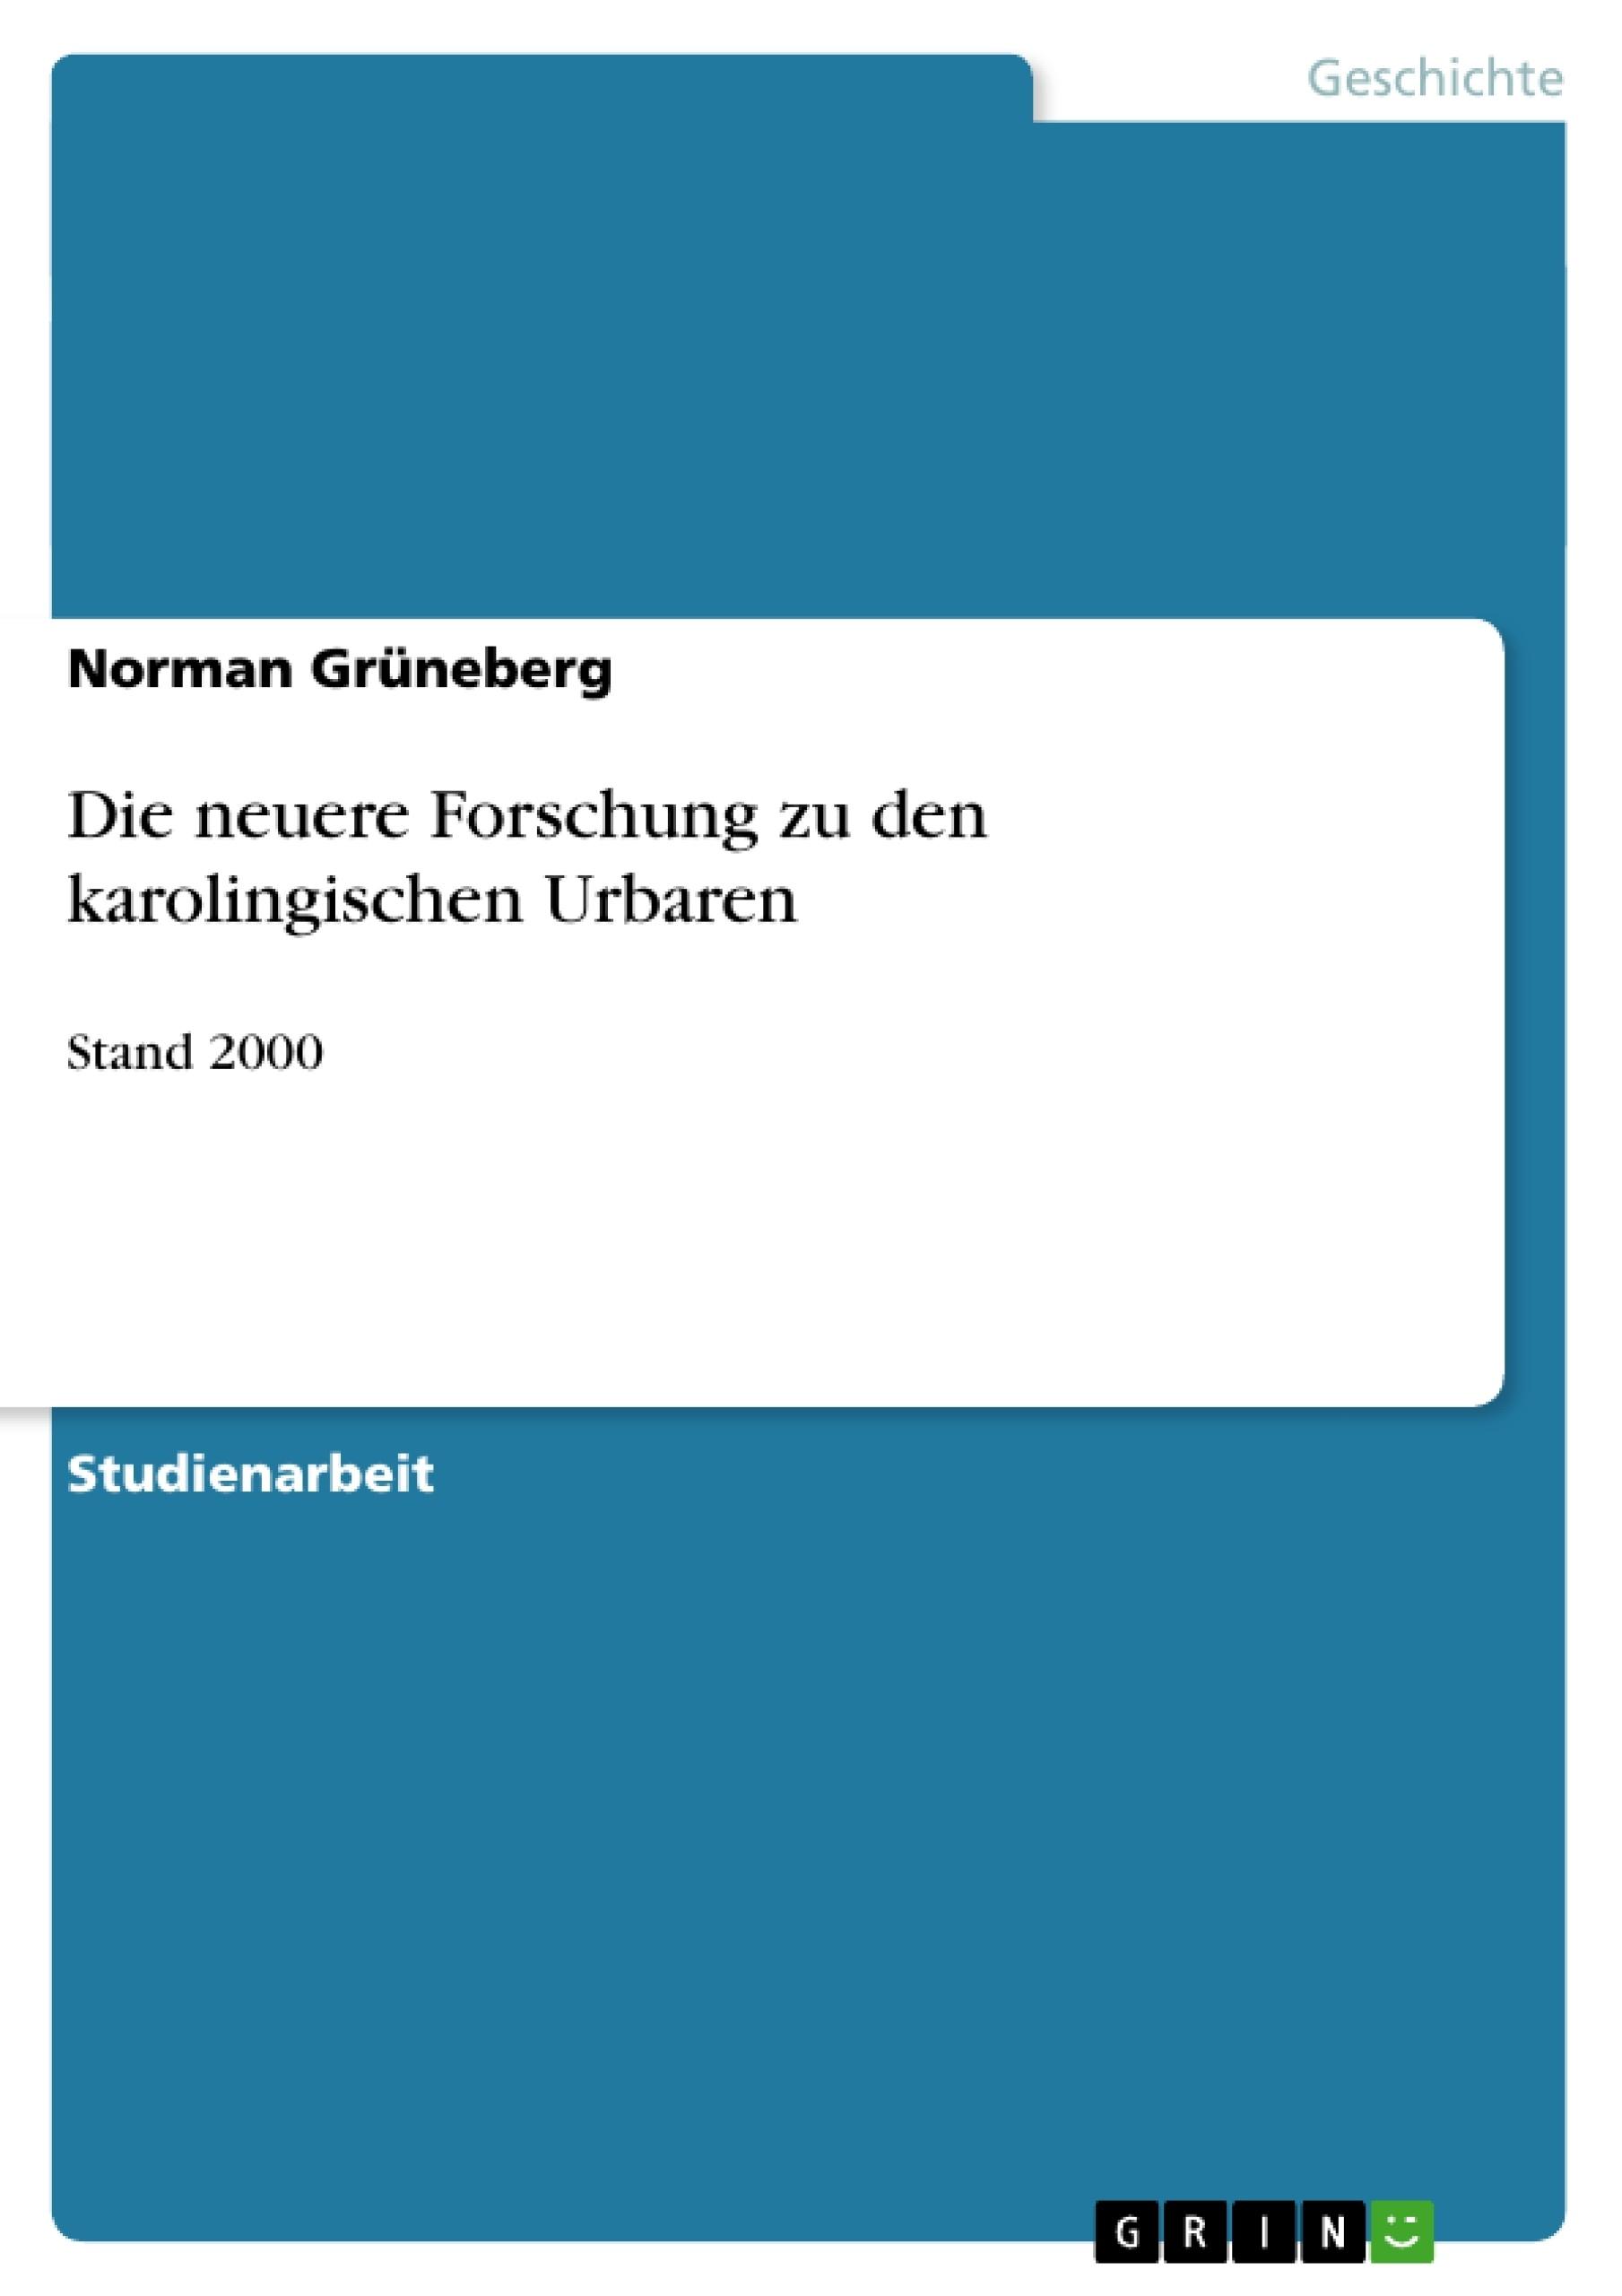 Titel: Die neuere Forschung zu den karolingischen Urbaren